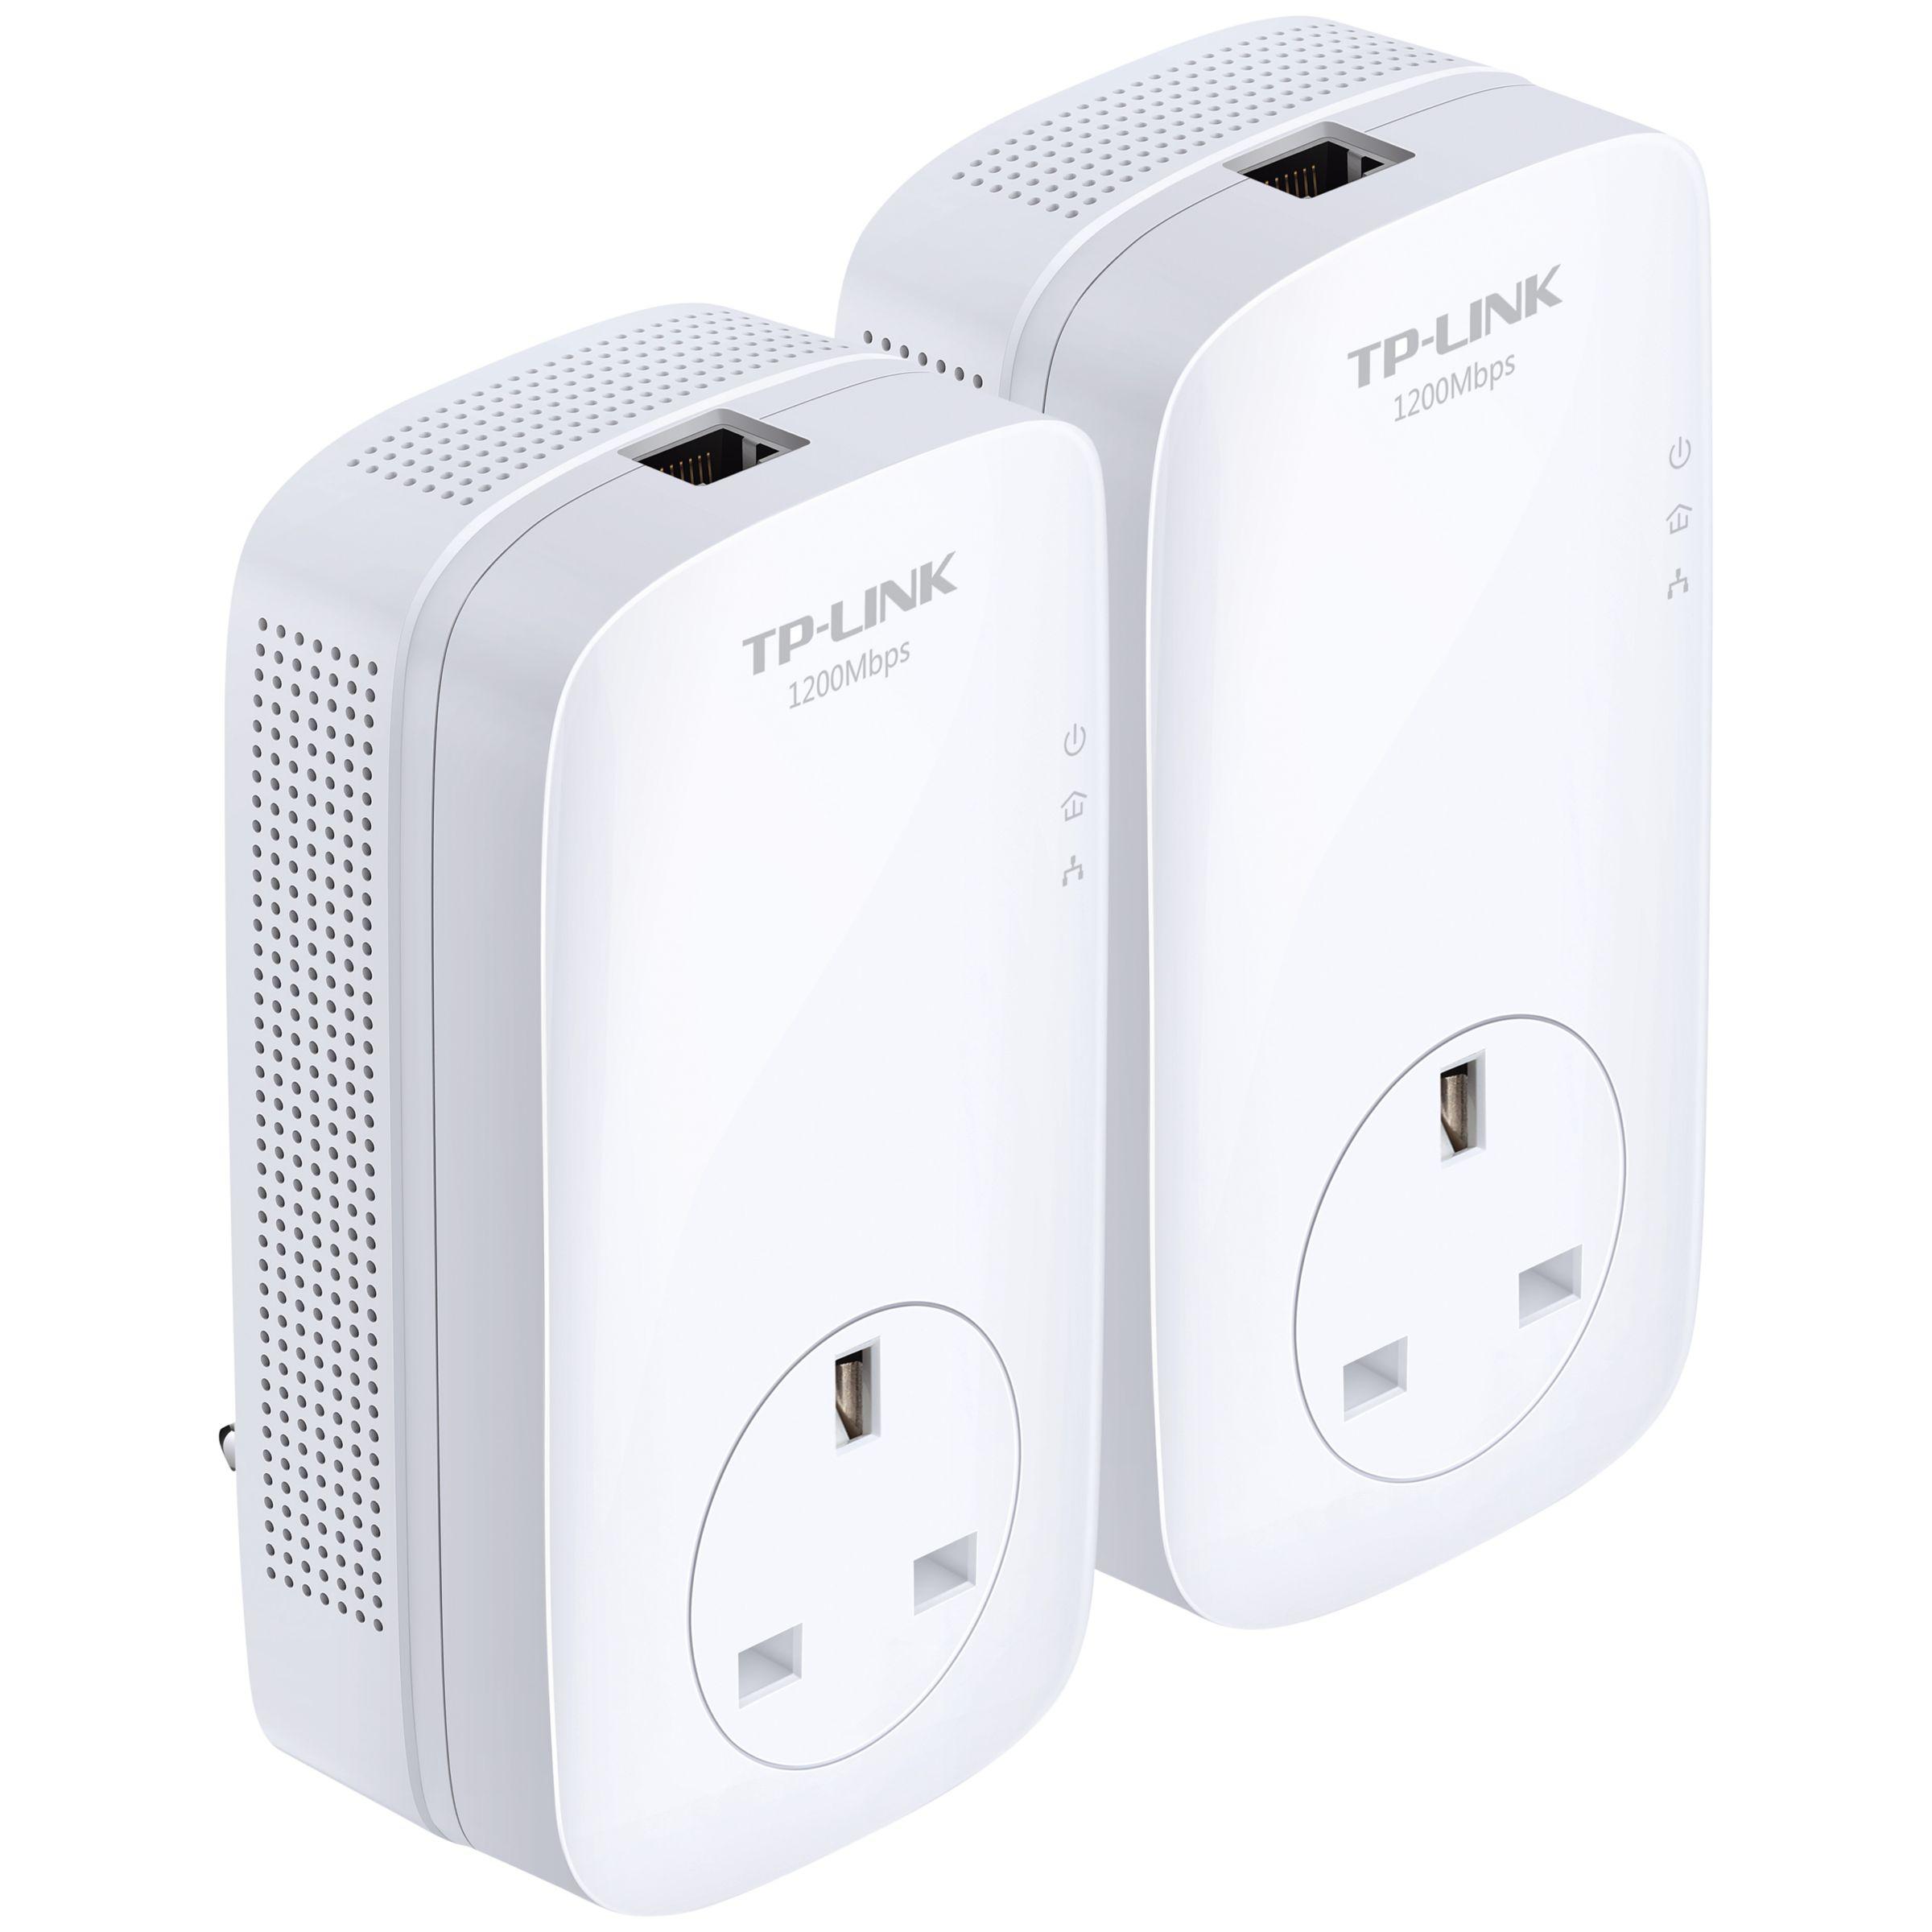 TP-Link TP-LINK AV1200 Gigabit Passthrough Powerline Starter Kit, TL-PA8010PKIT